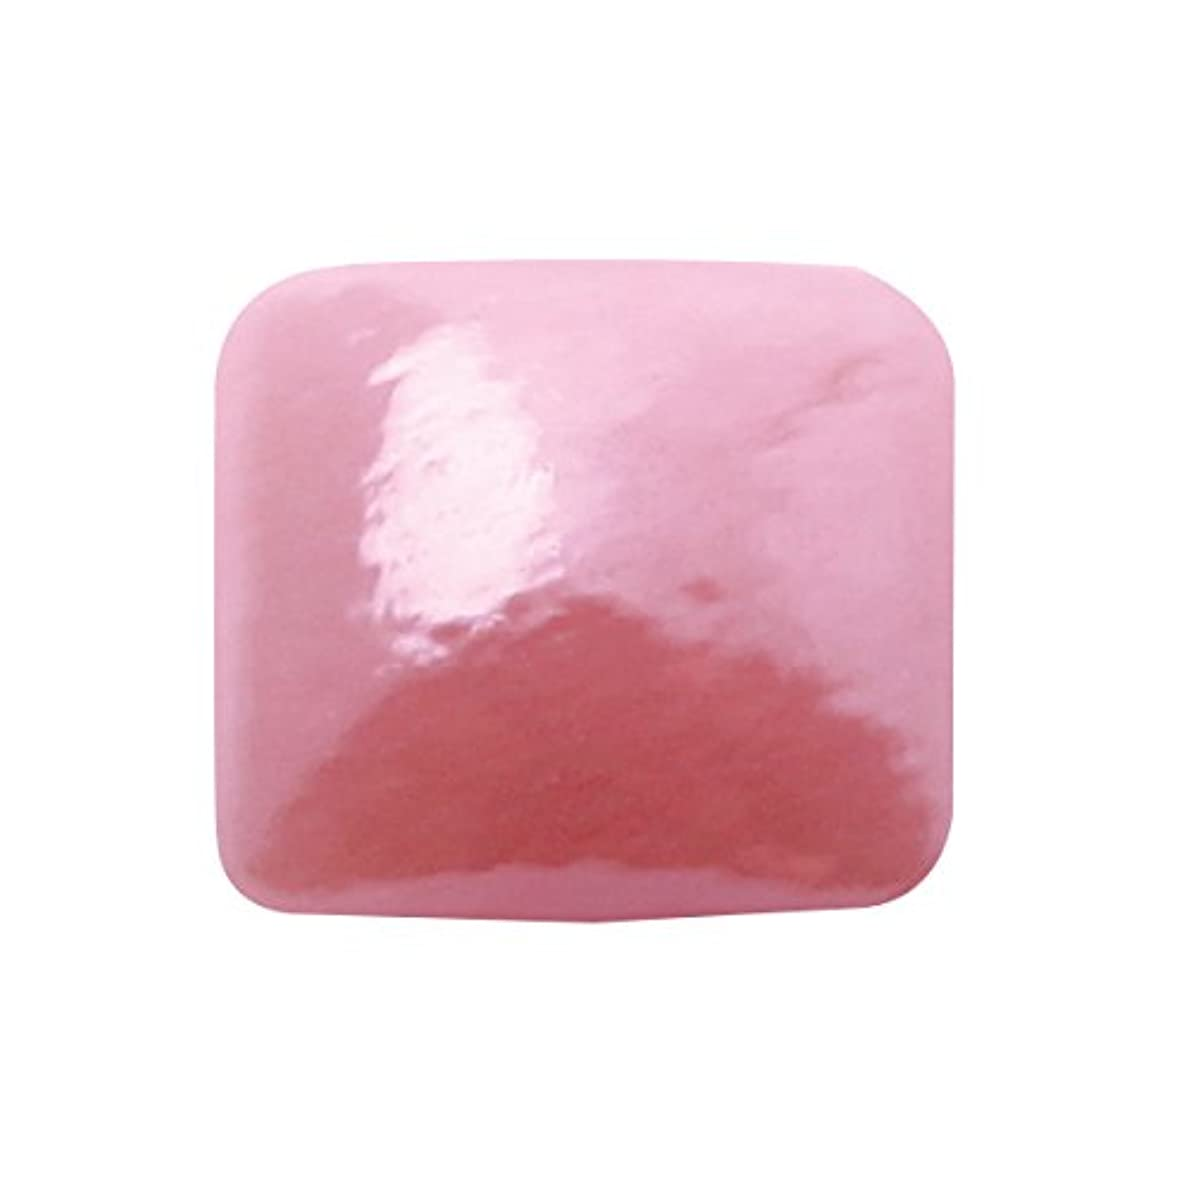 グラスパールスクエア 4x4mm(各30個) ピンク